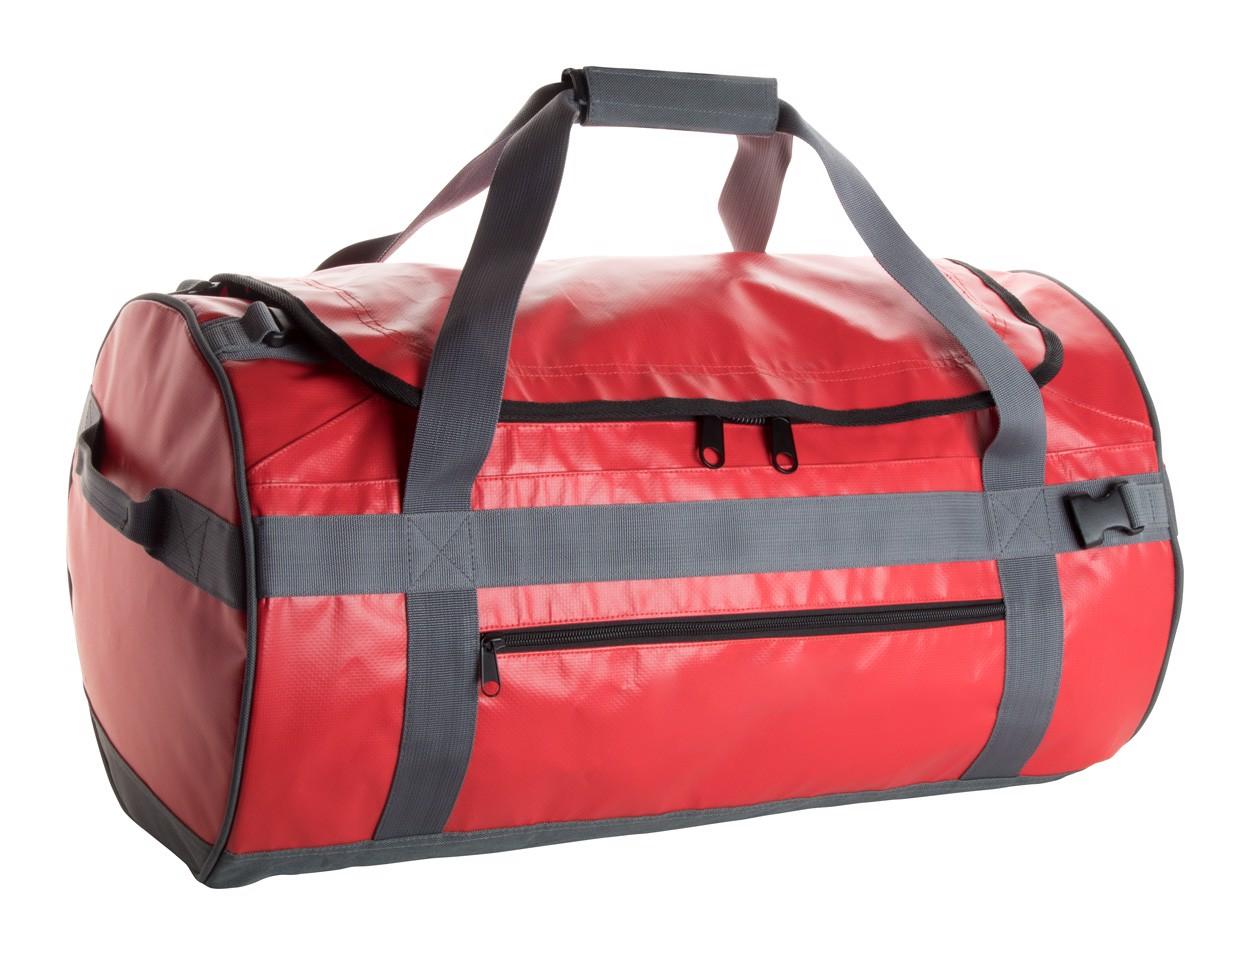 Sportovní Taška/Batoh Mainsail - Červená